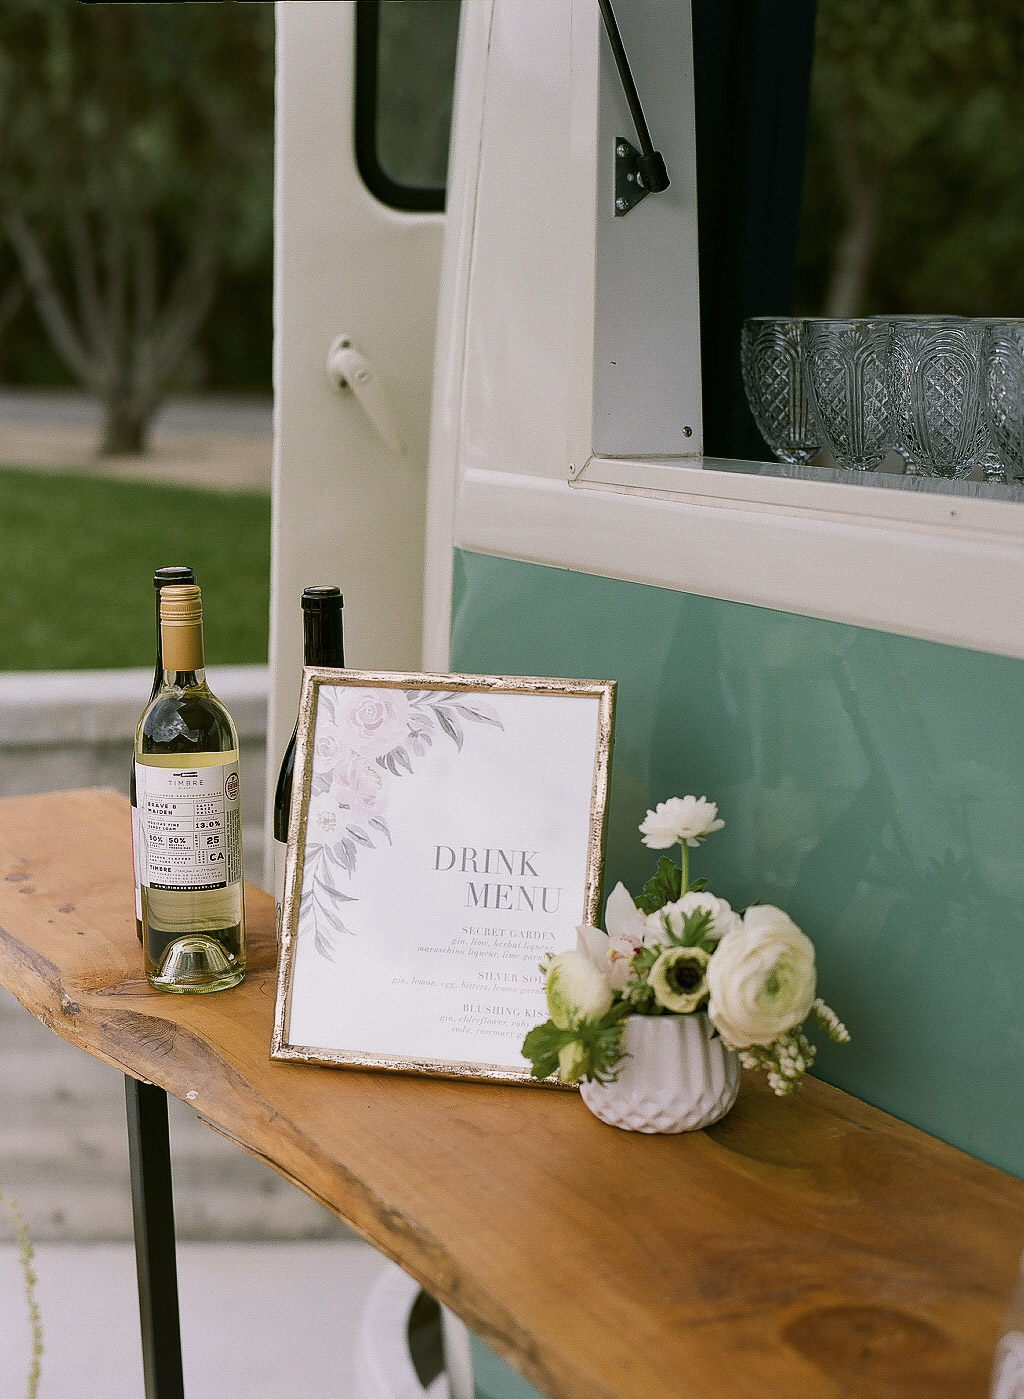 Higuera Ranch, San Luis Obispo Wedding Blush Watercolor Floral Wedding Reception Drink menu by Sam Allen Creates 32540010 szudesigns